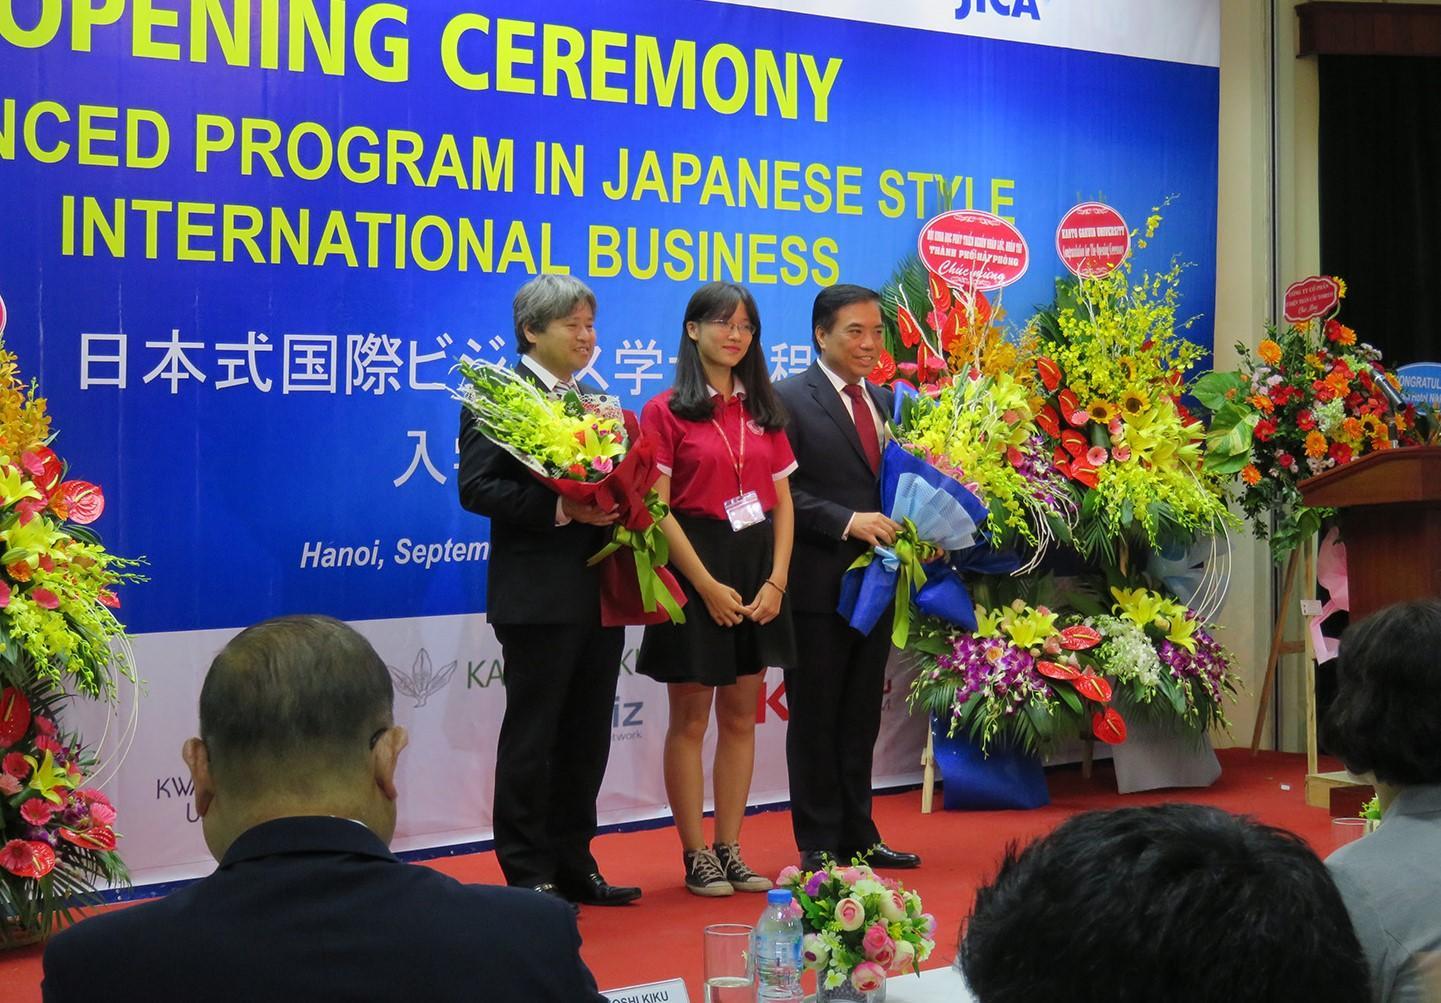 ~ベトナム・ハノイ貿易大学に、日本式国際ビジネス学士課程が今秋開設~関東学院大学が、日本企業と共同で教育プログラムを提供